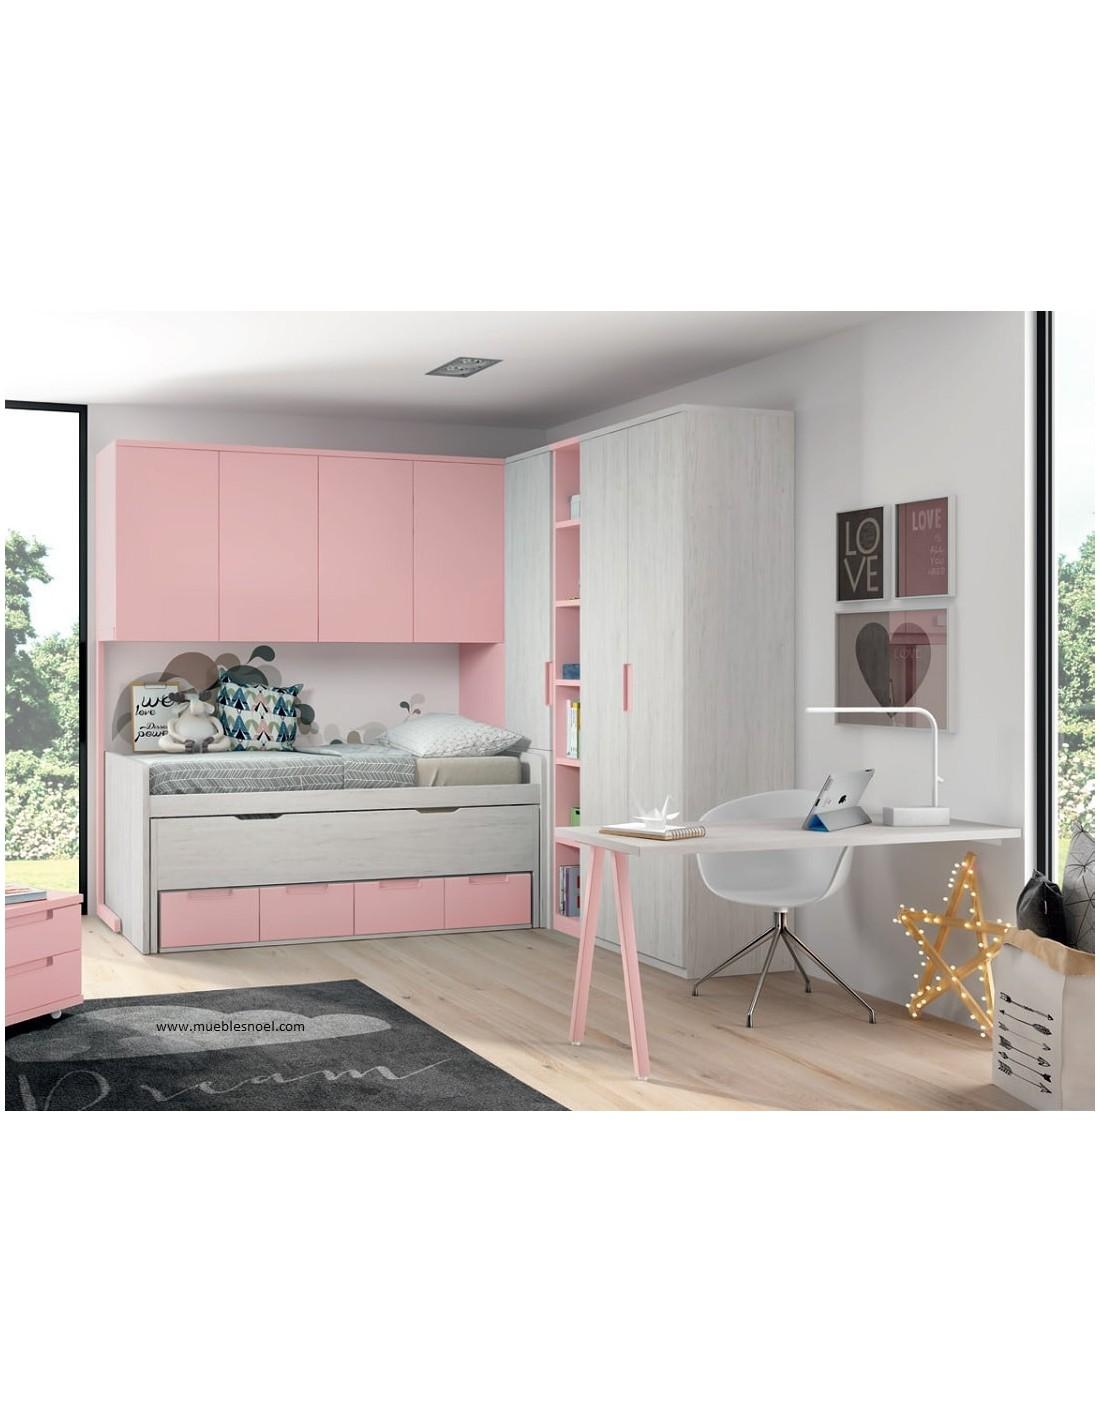 Comprar habitaci n puente tienda online muebles noel - Muebles nieto dormitorios juveniles ...